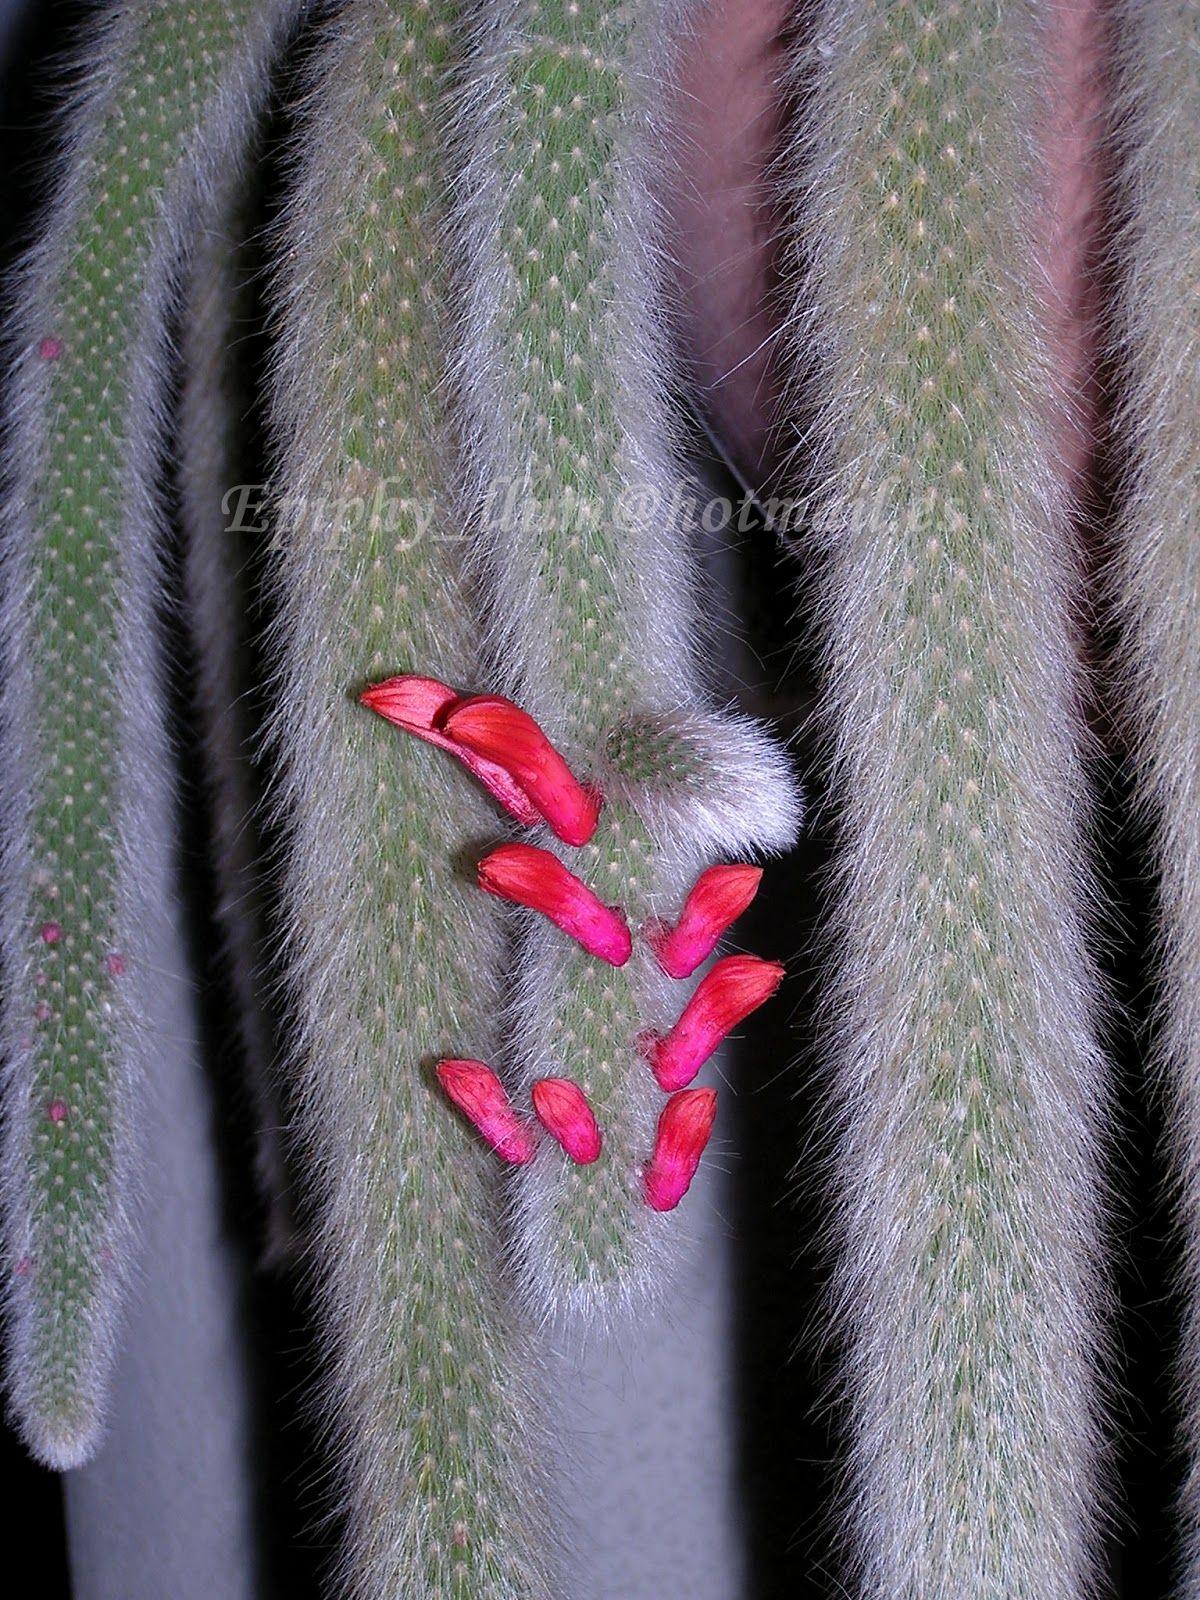 Epis Llum: Cleistocactus Winteri subs. Colademononis